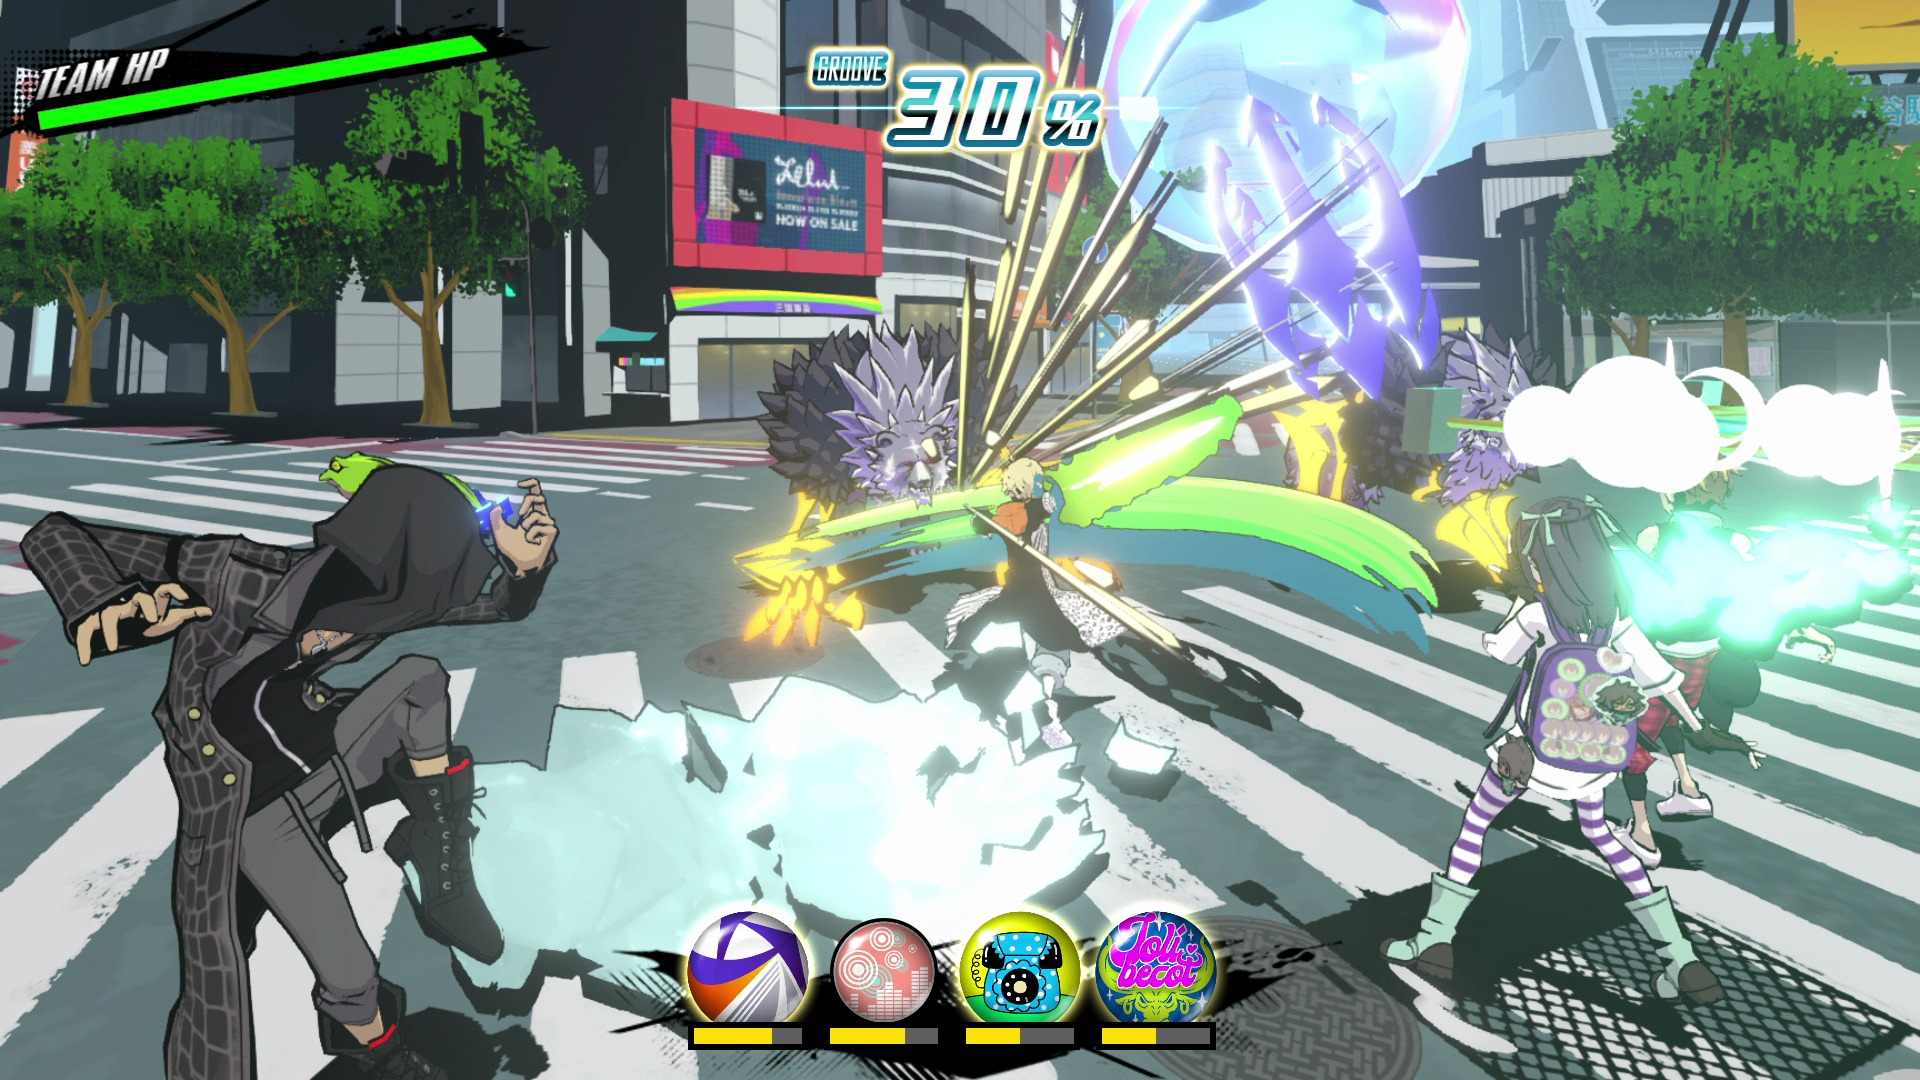 pantalla de batalla juego de square enix